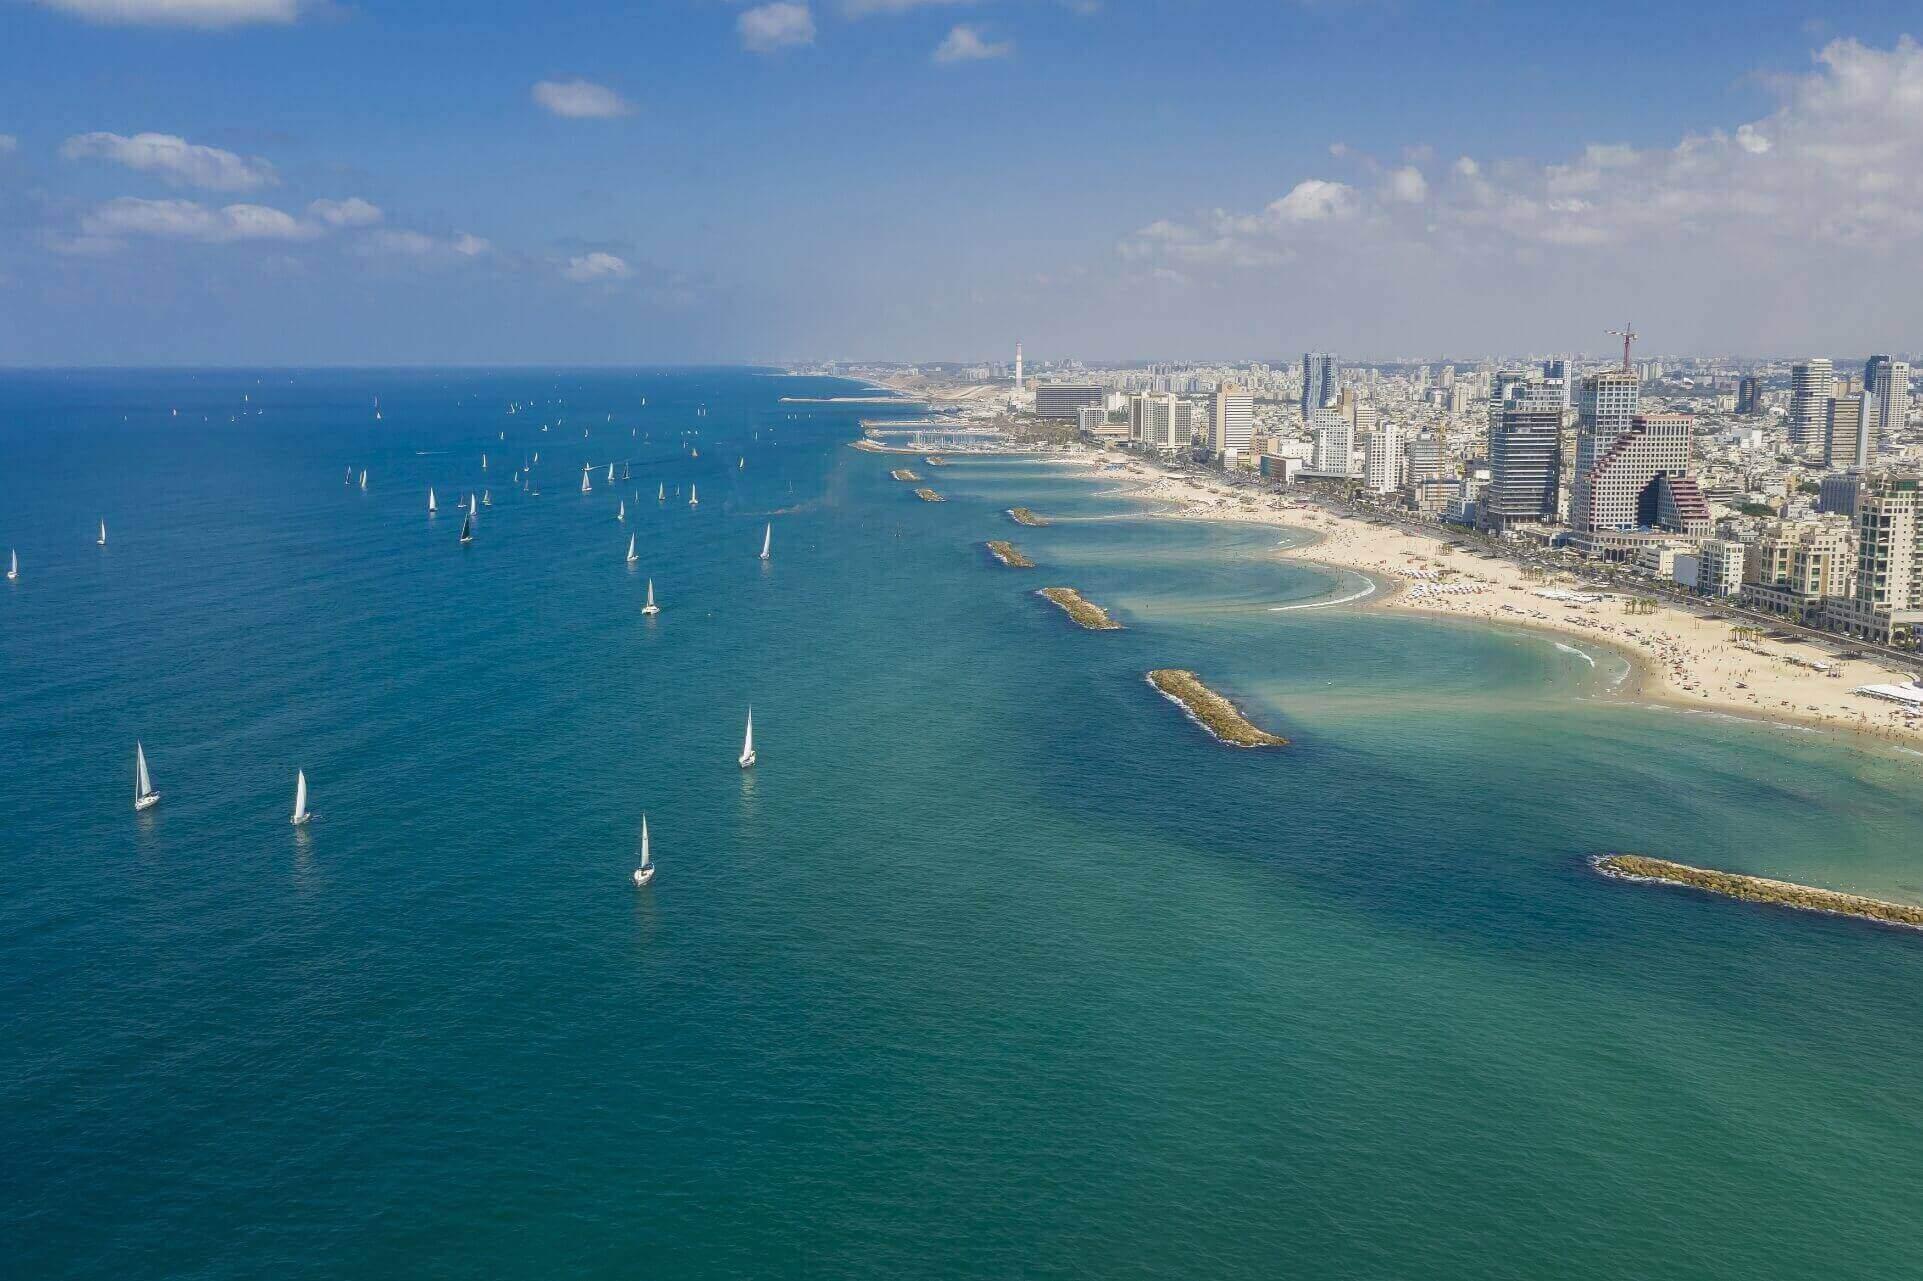 מבט מהאוויר על רצועת החוף